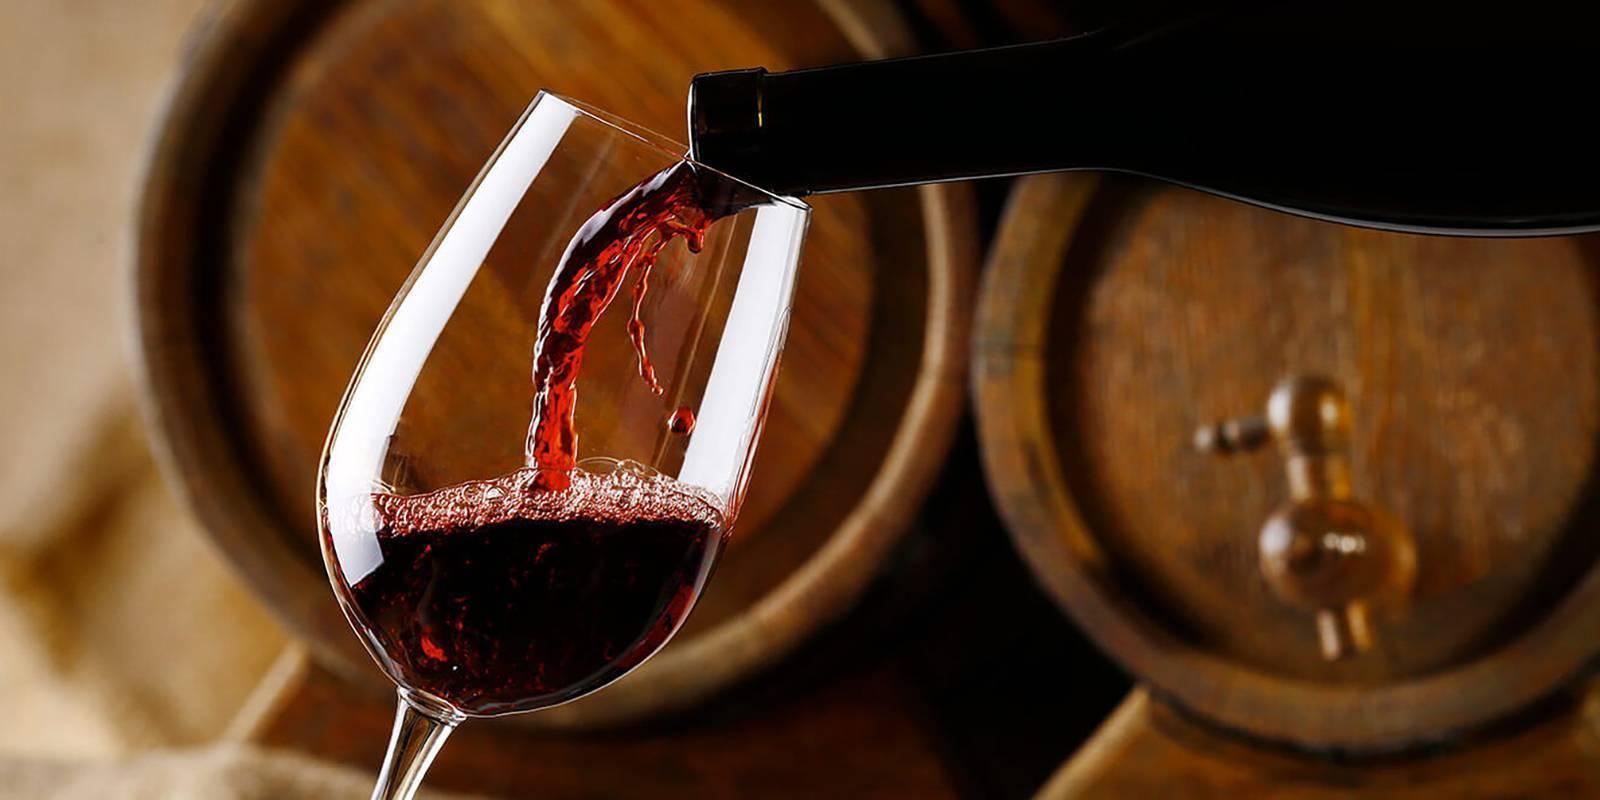 Винотерапия, или как правильно лечиться вином - видео рецепты в домашних условиях